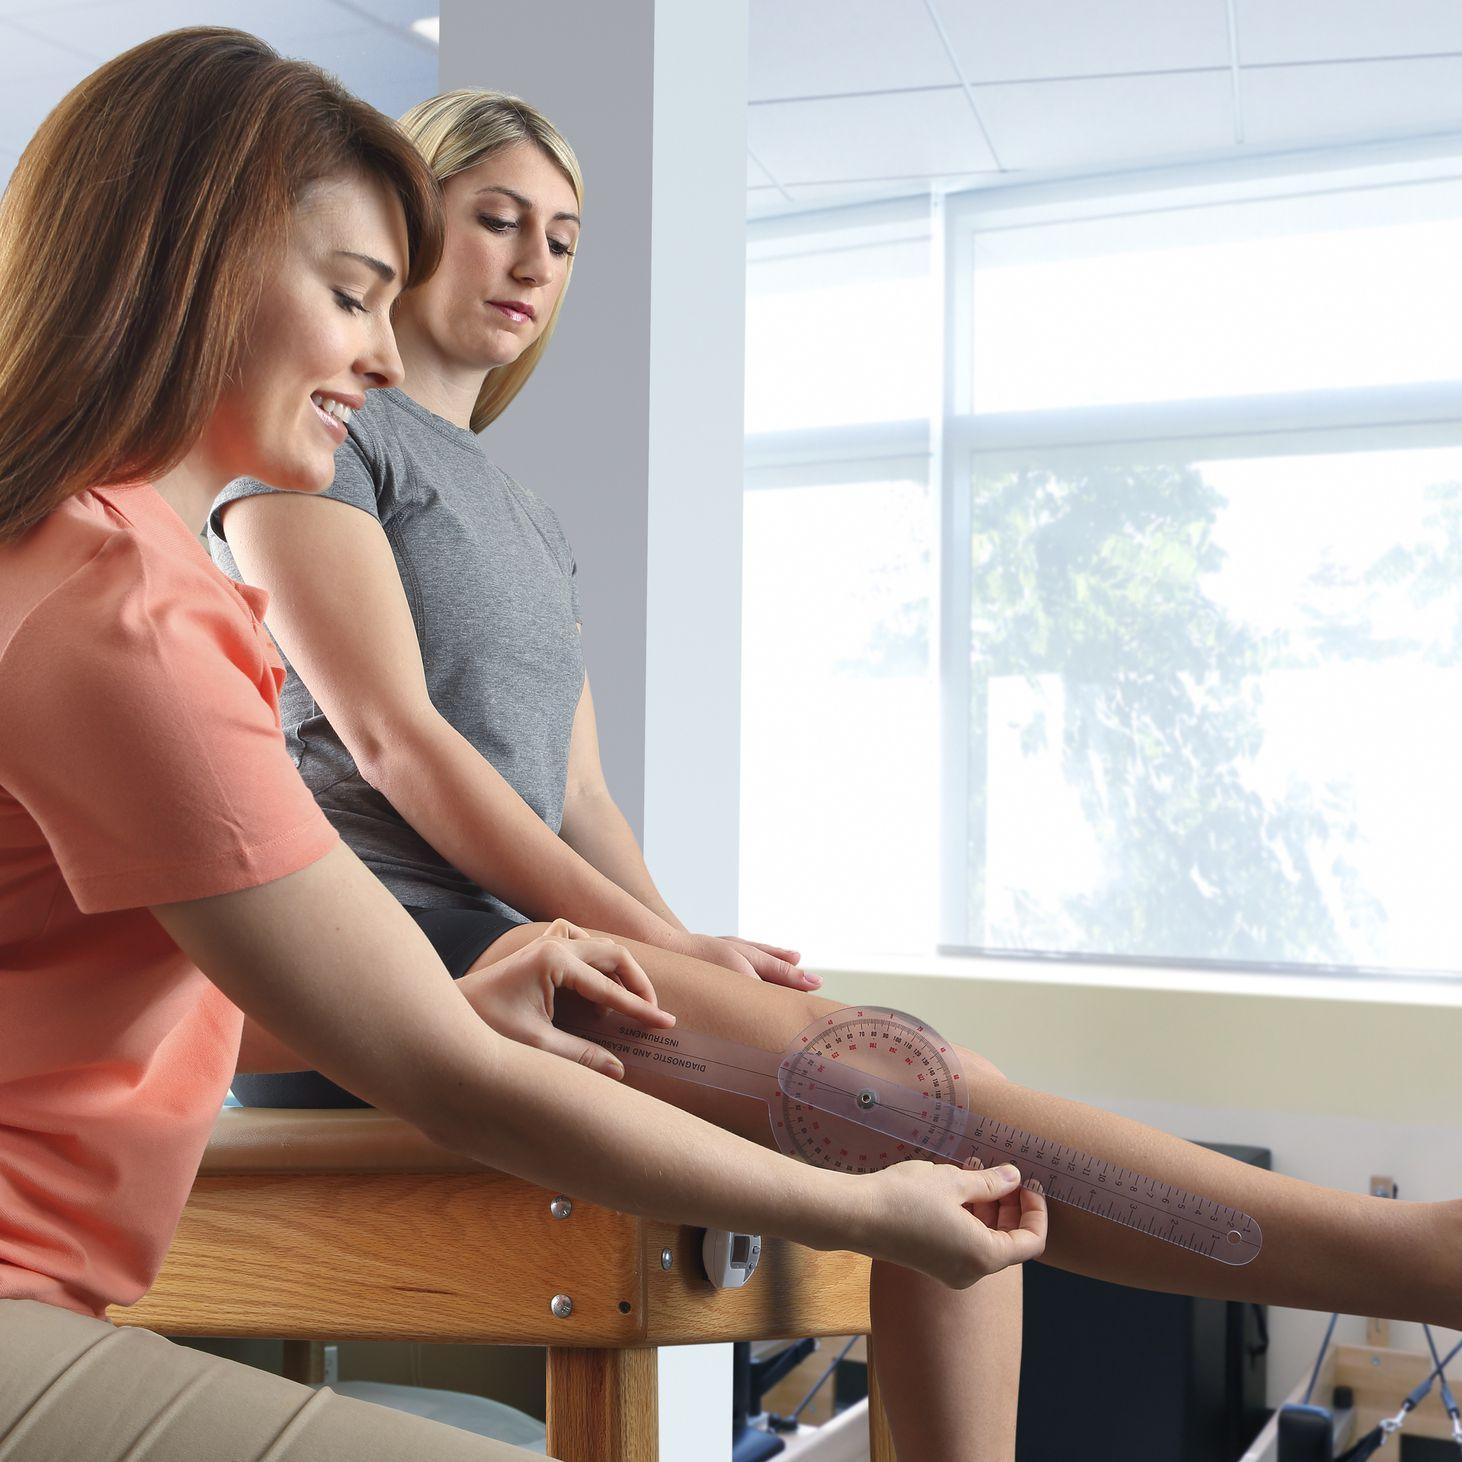 Numero di sedute di fisioterapia dopo ricostruzione del legamento crociato anteriore